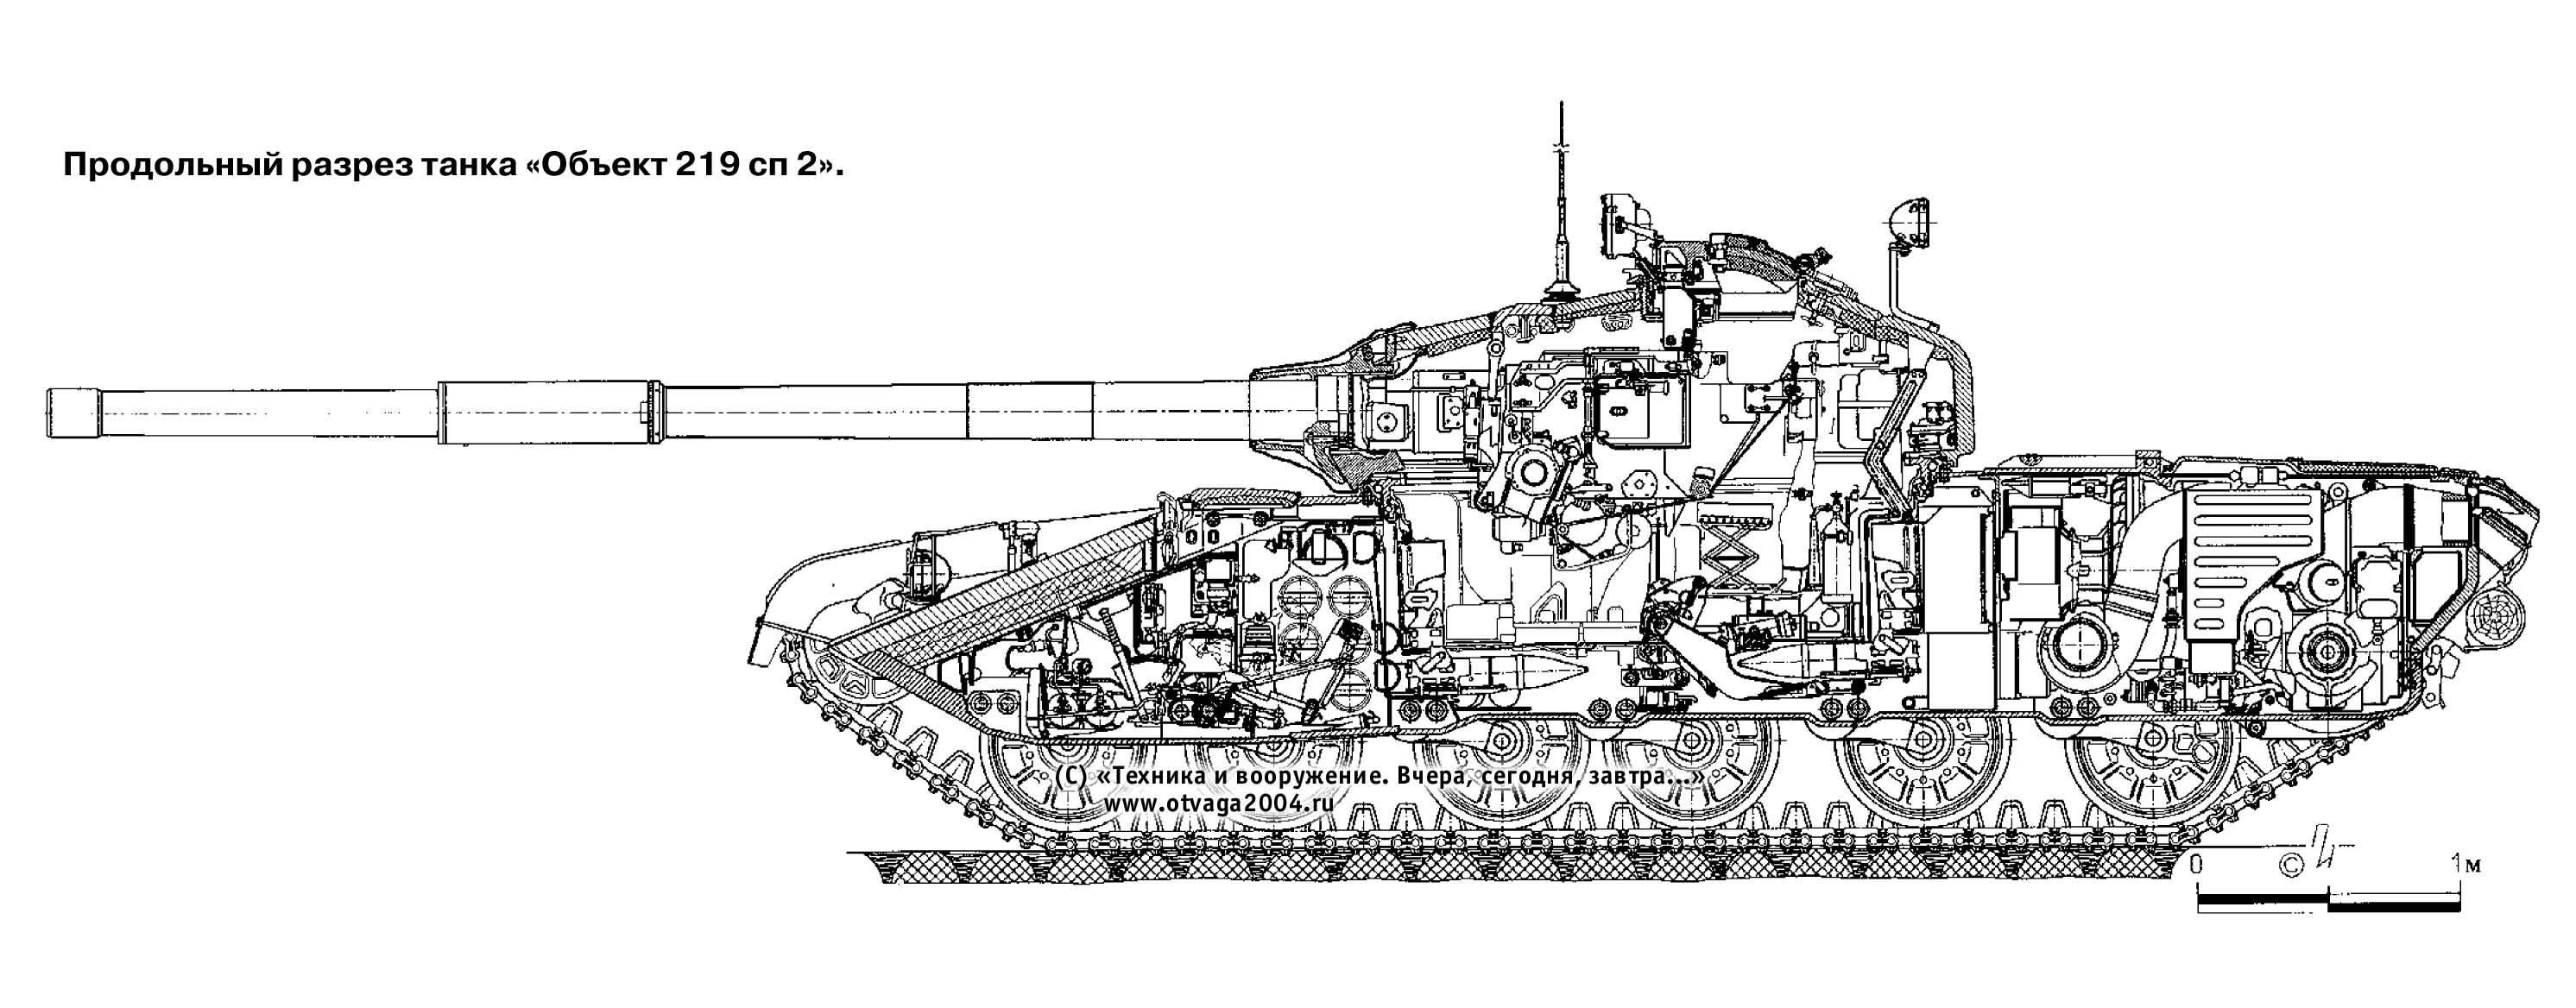 Продольный разрез танка «Объект 219 сп 2»